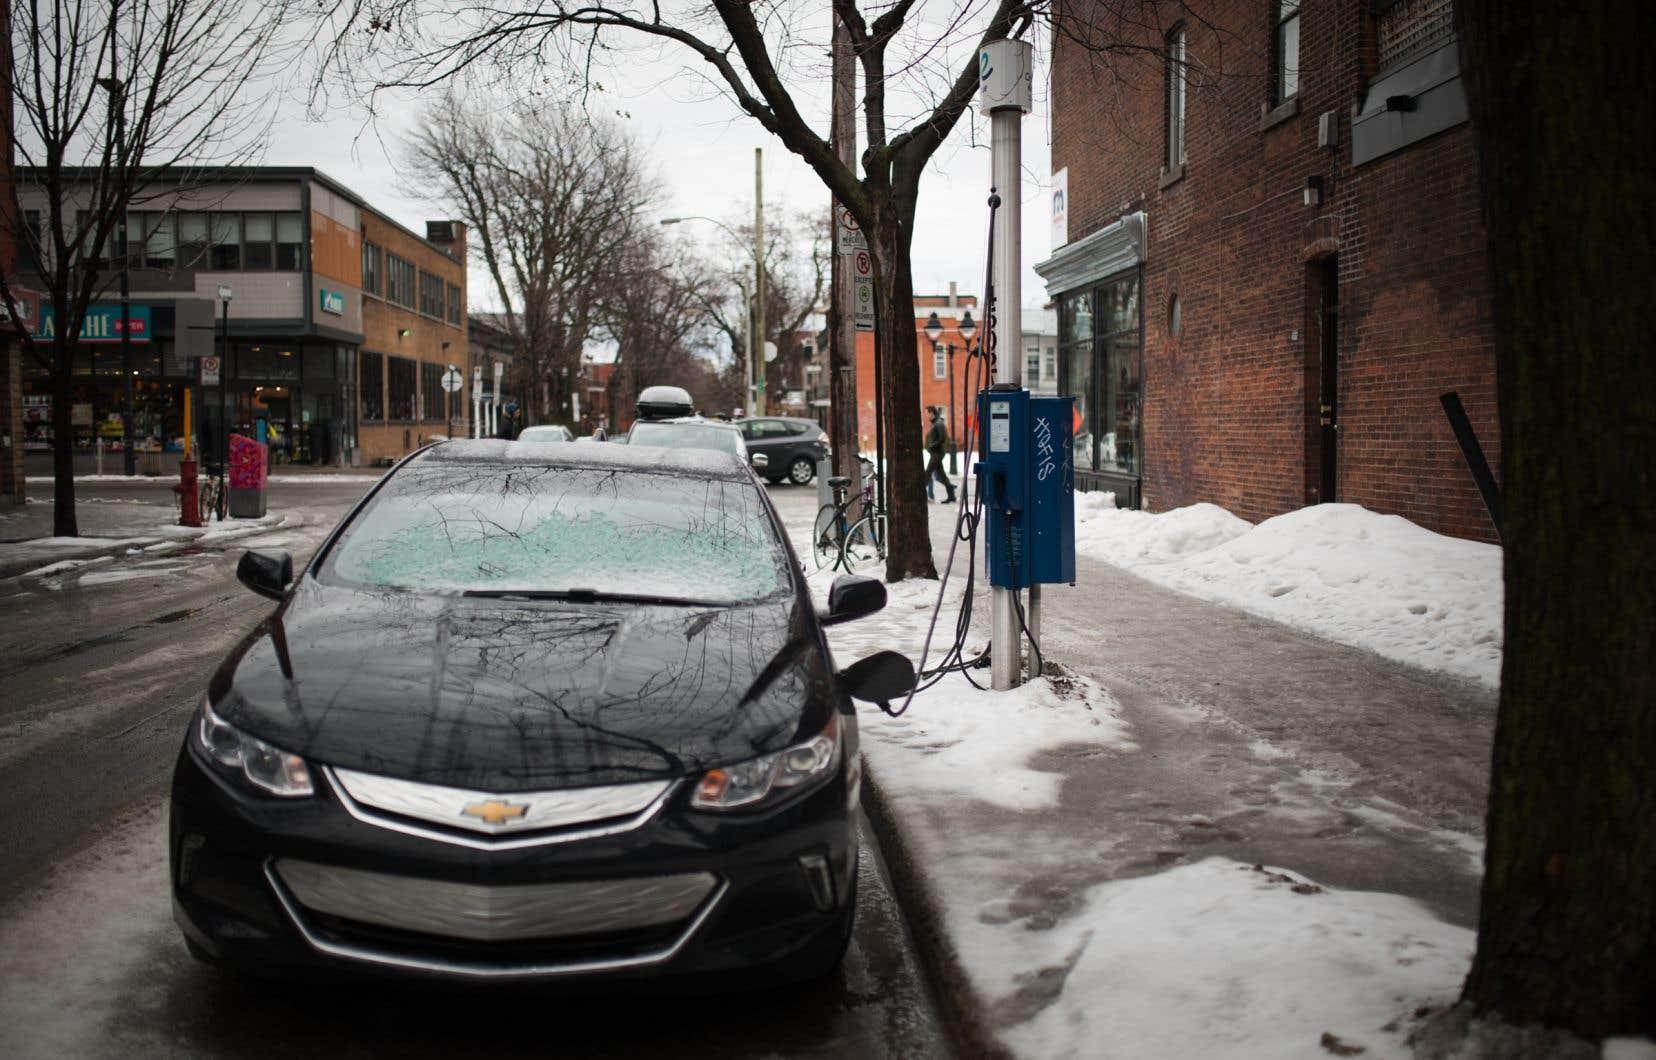 Quel que soit le mode de transport terrestre que nous utilisons, qu'il soit électrique, à essence, individuel ou collectif, moins nous roulons, moins nous polluons.